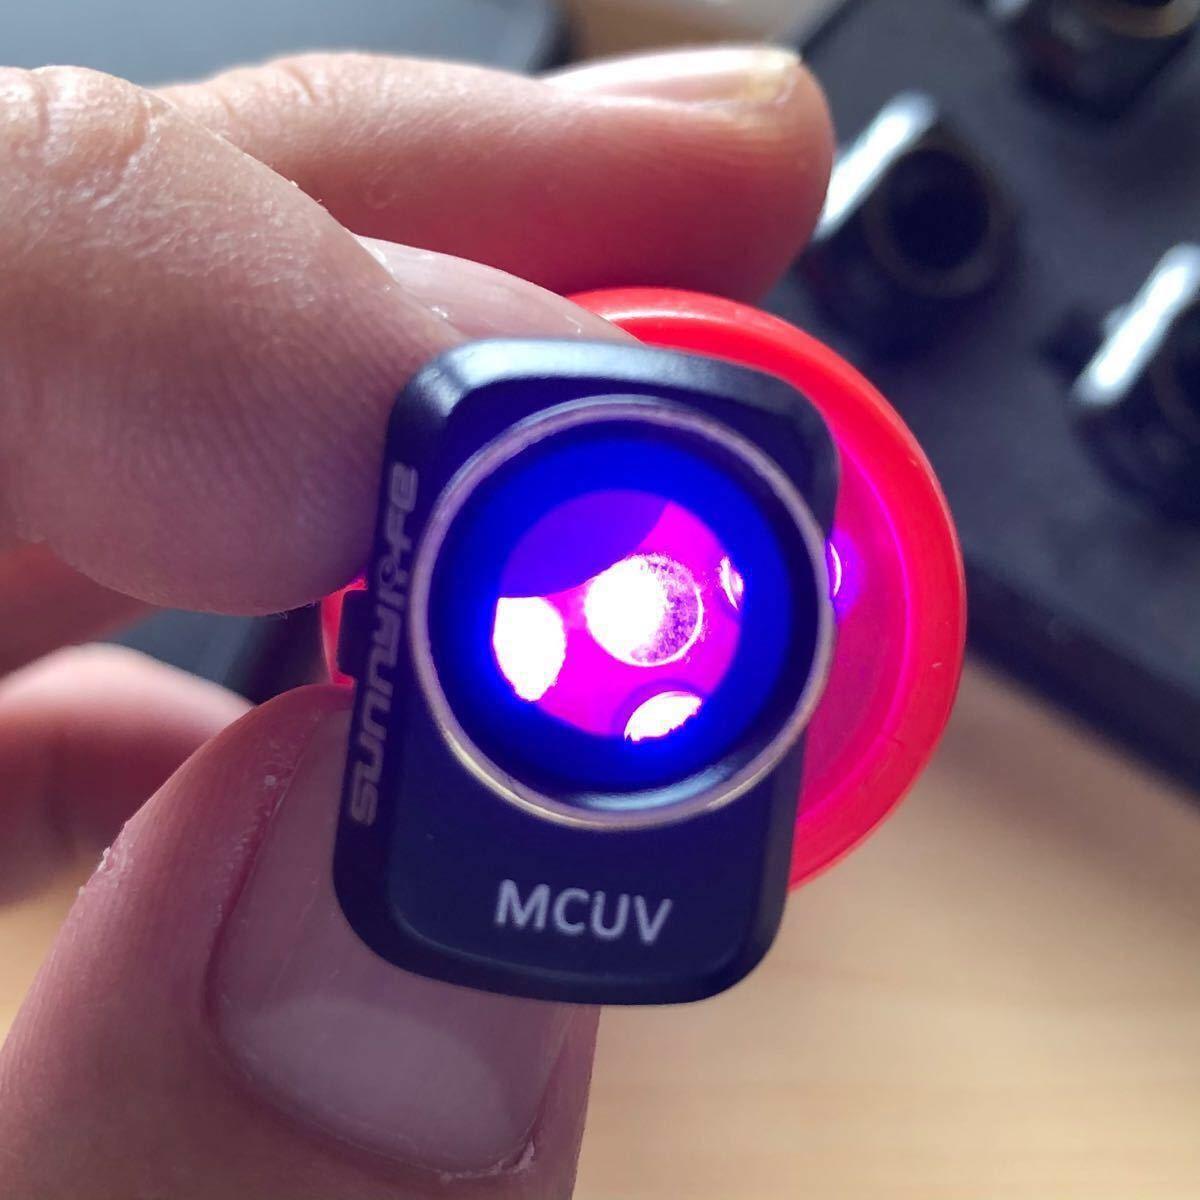 ラス1☆MCUV紫外線カットフィルタ ★Mavic Mini ★DJI MINI 2 ジンバルカメラ対応